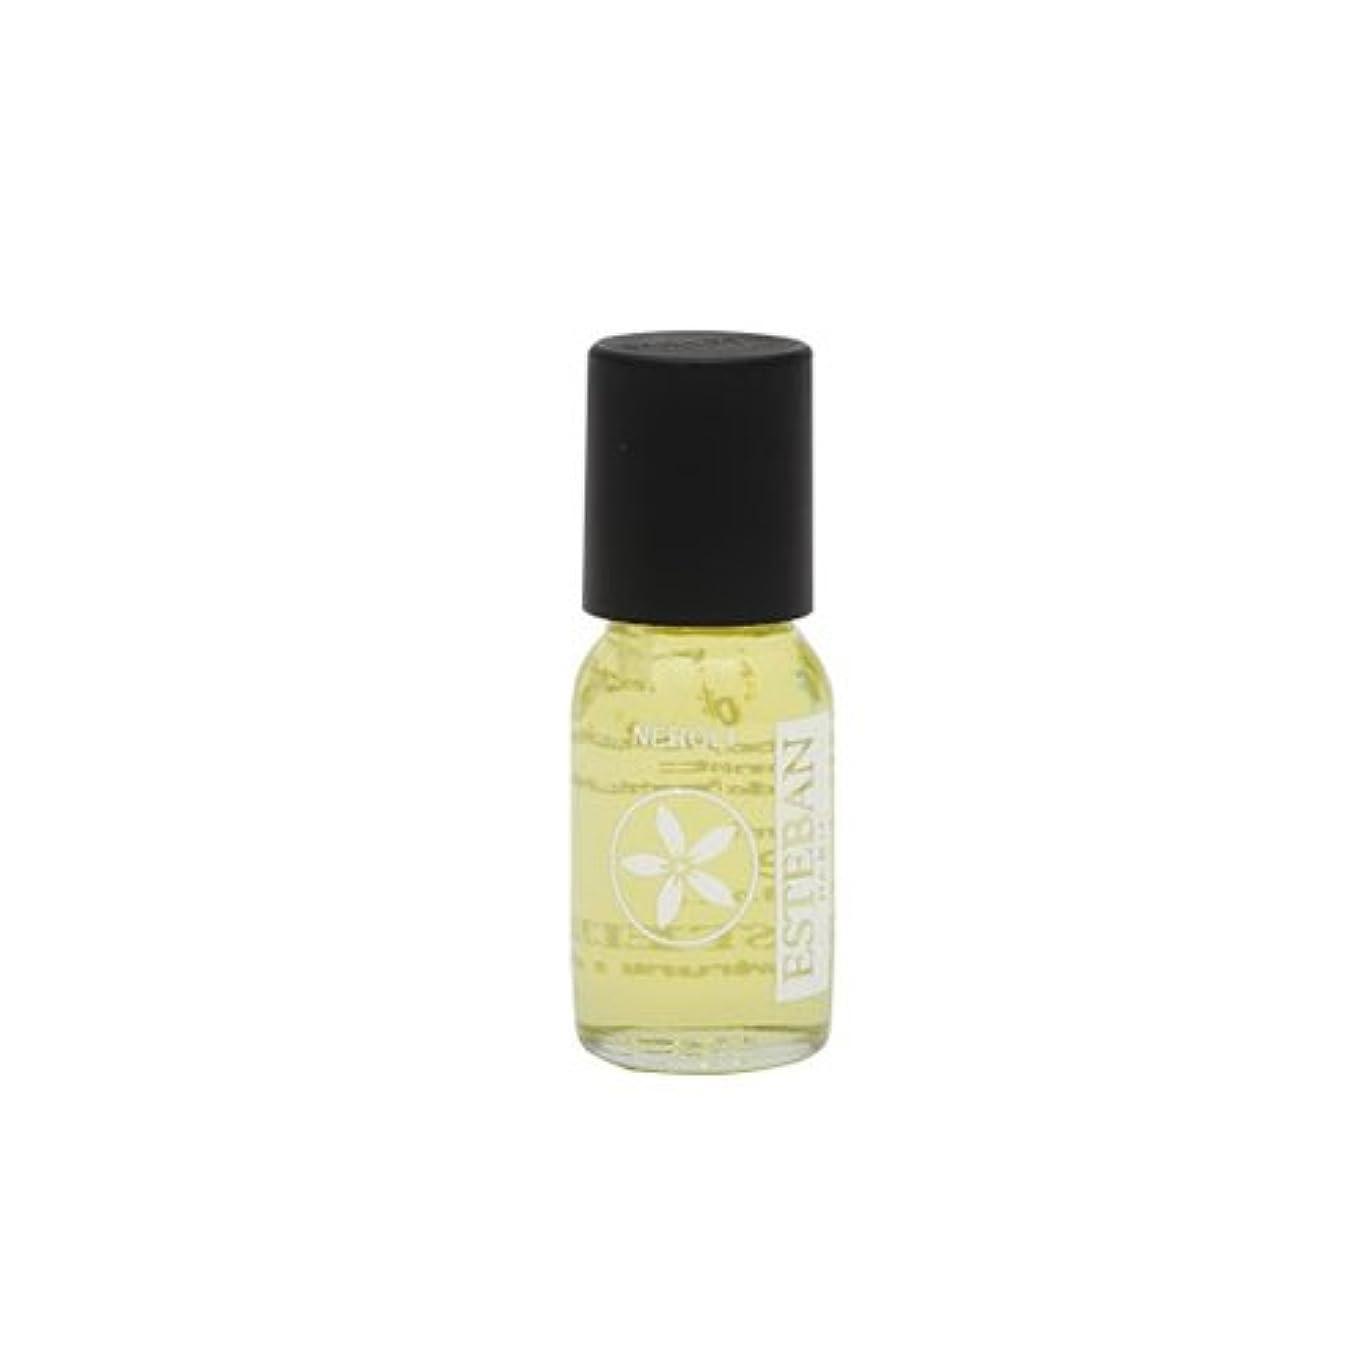 いちゃつくアクティブスピーカー日本香堂 ルームフレグランス ESTEBAN 【ネロリ】 香り補充用オイル